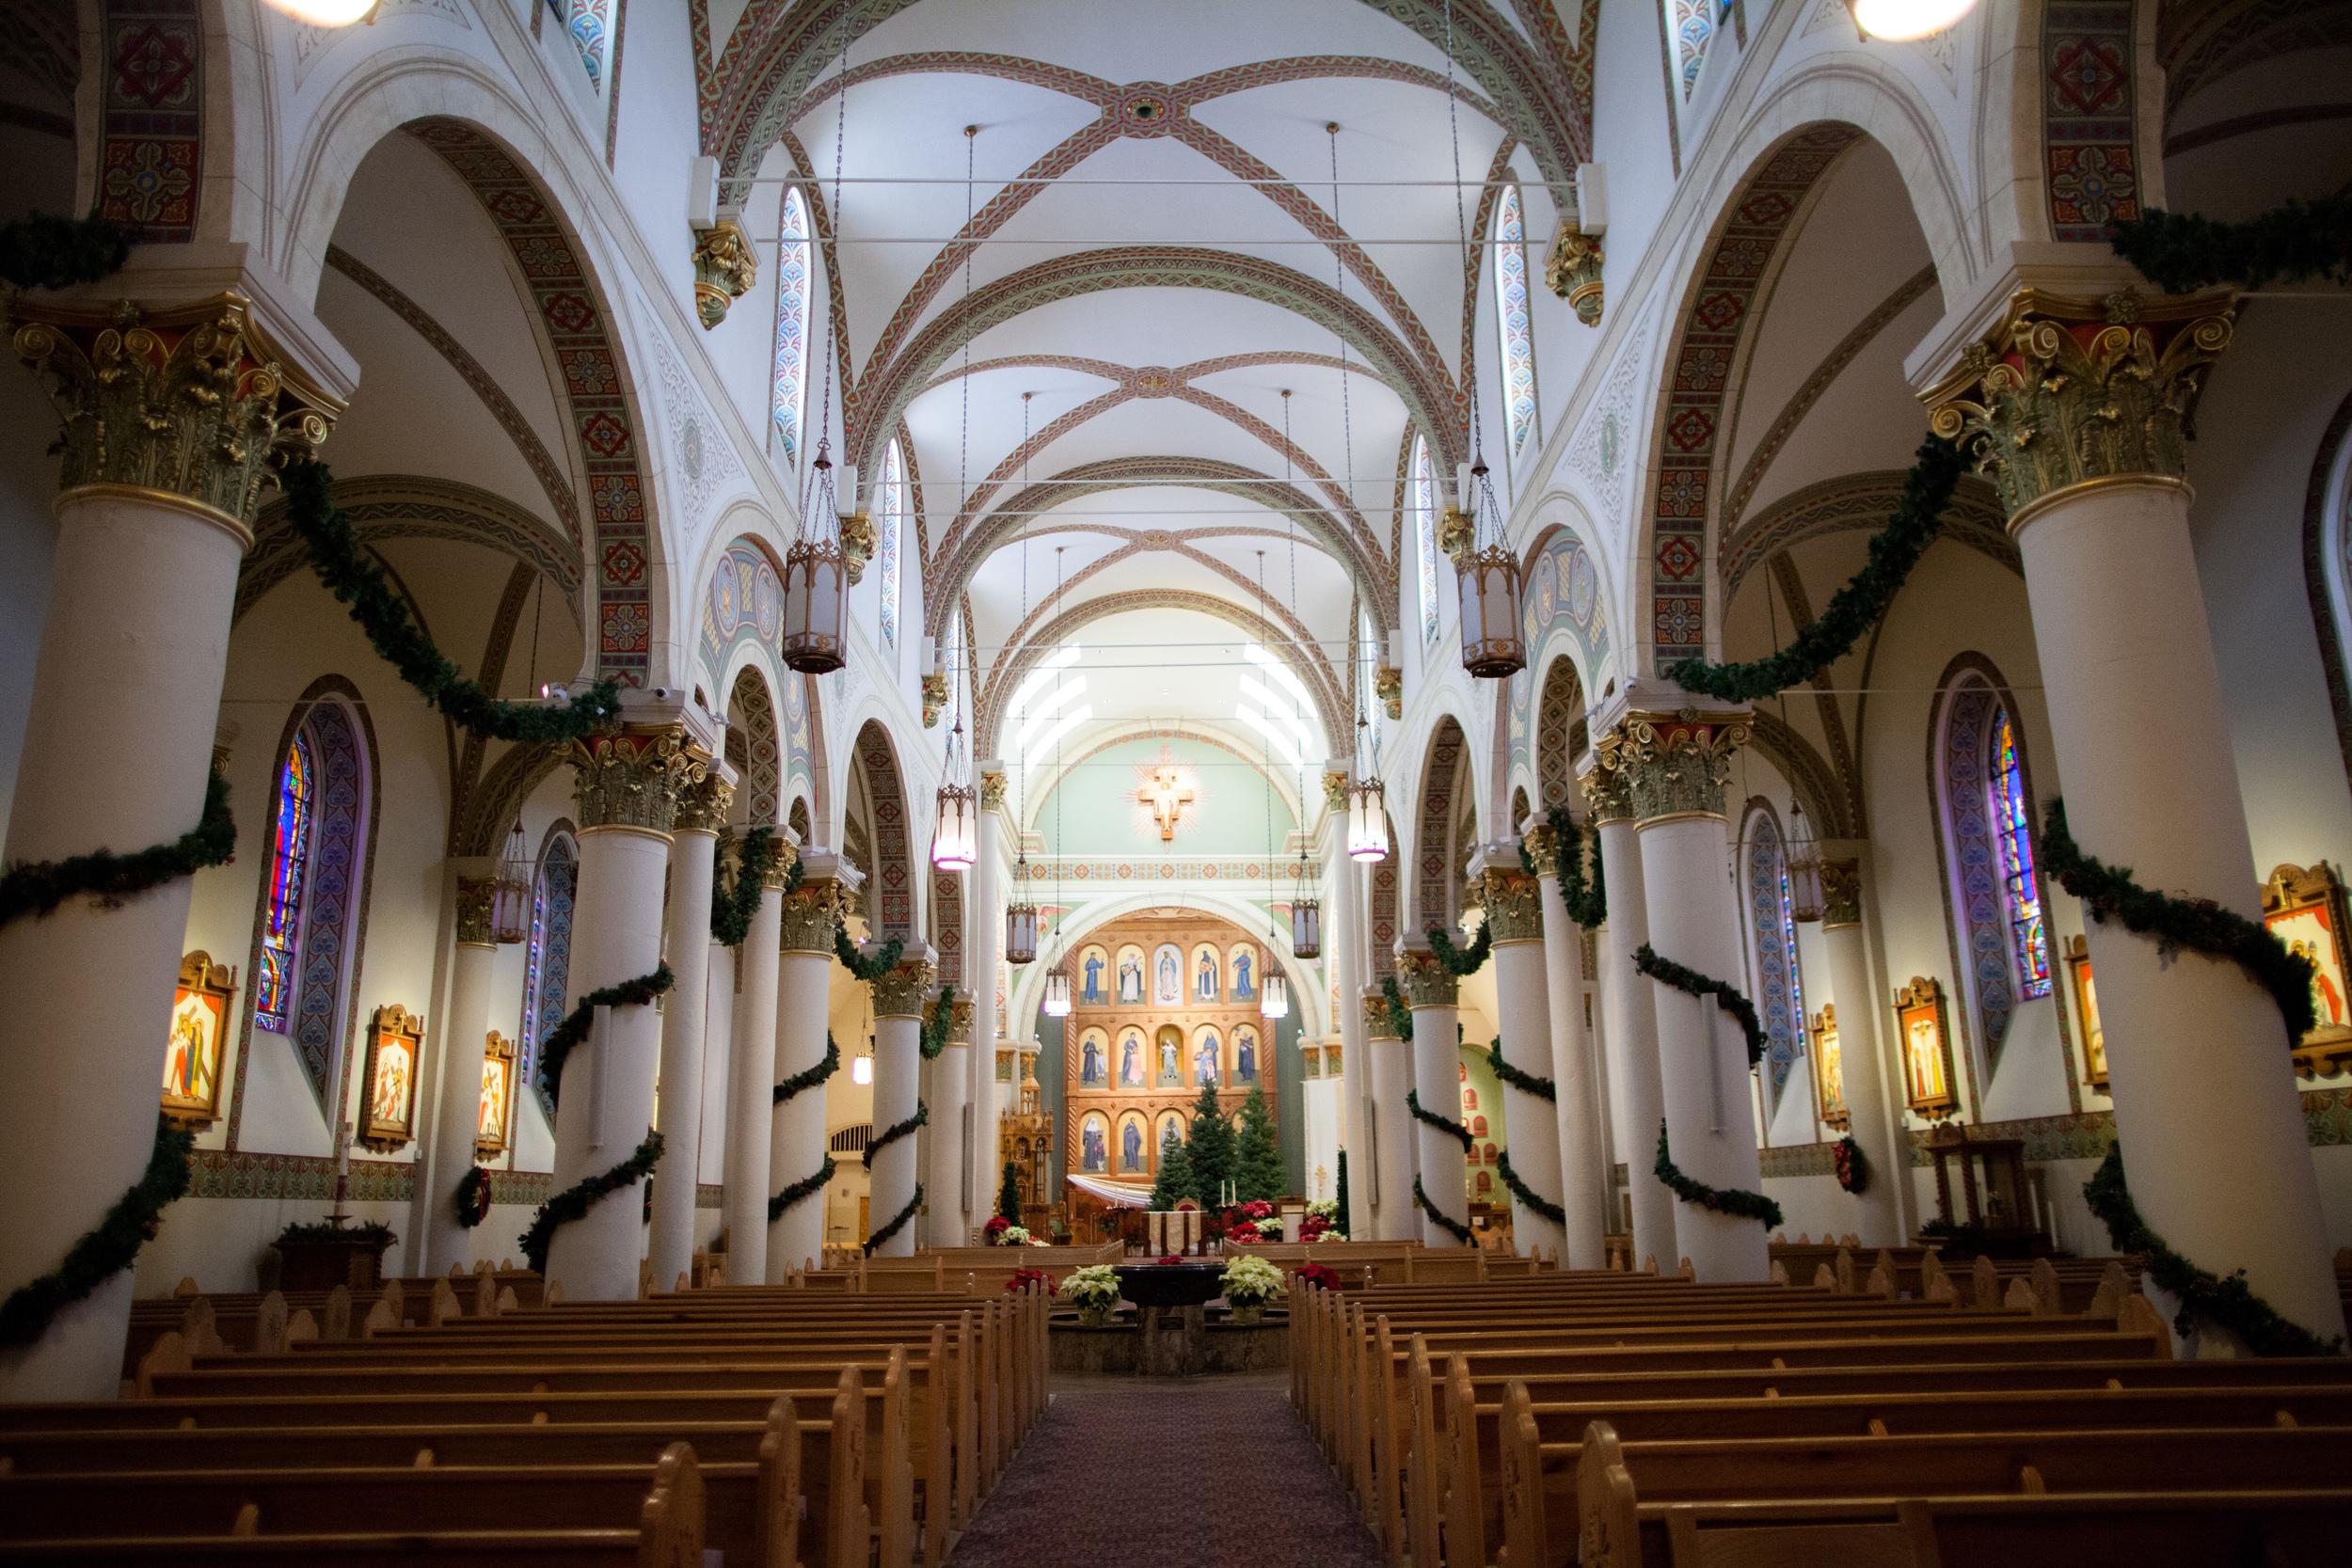 Santa Fe Xmas-PERSONAL TONED-151224-043.jpg